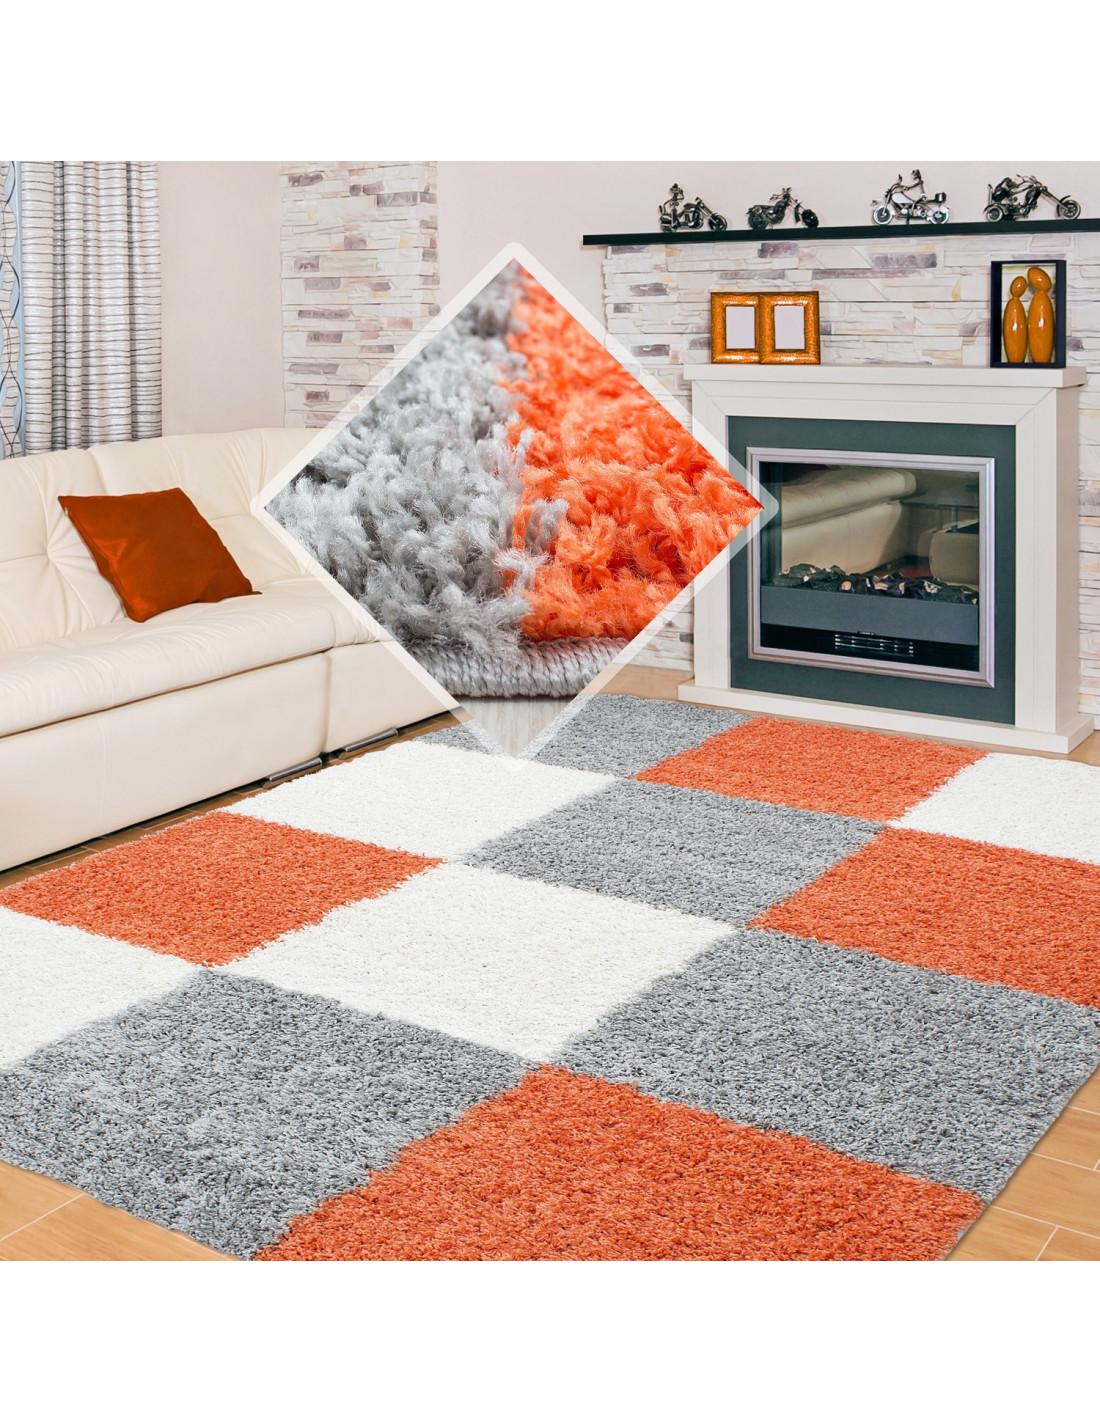 Tappeto shaggy a quadretti terracotta bianco grigio